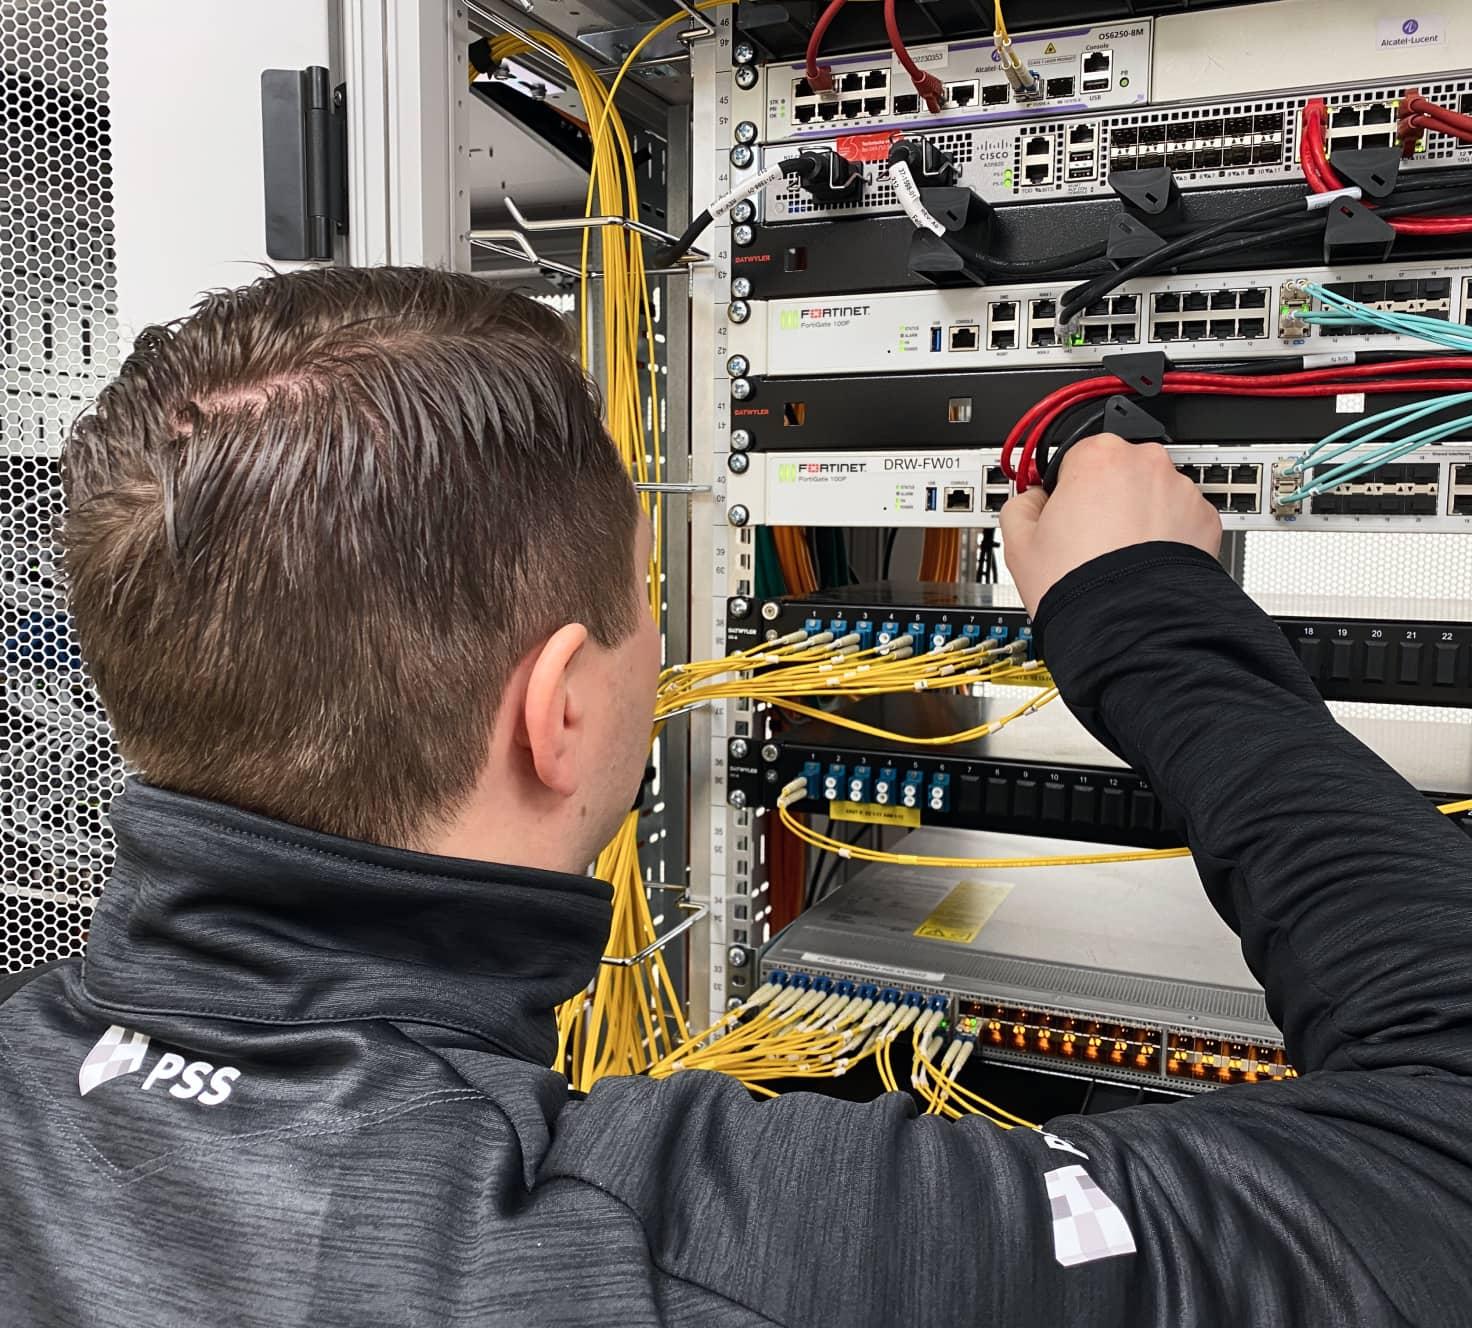 PSS medewerker bij een server kast.